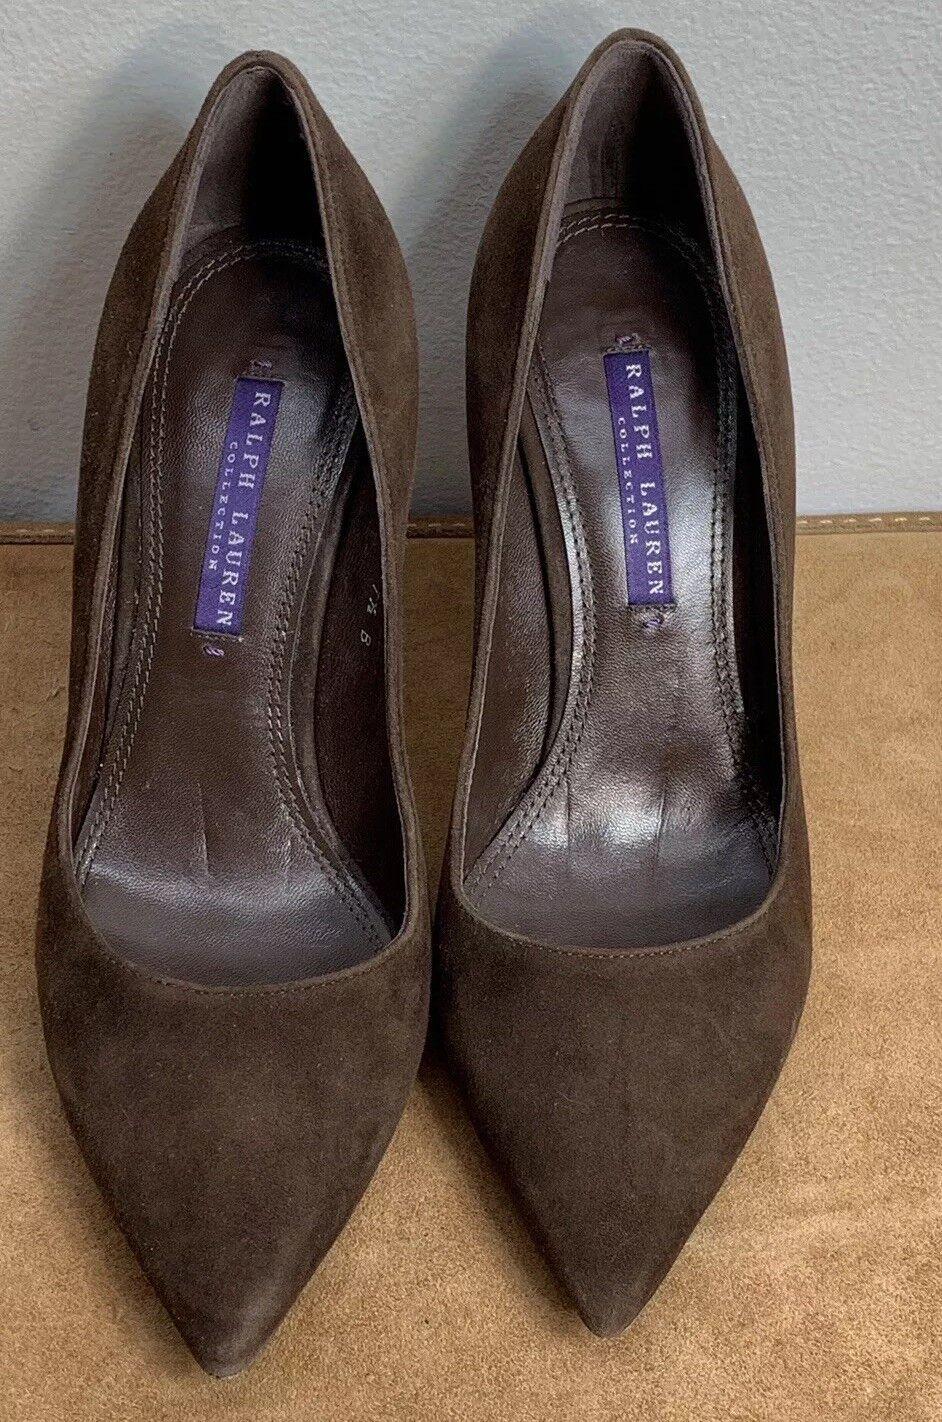 in vendita online Ralph Lauren viola Label Pump Heels donna's 7.5 US US US 37.5 EUMade In   nuovi prodotti novità